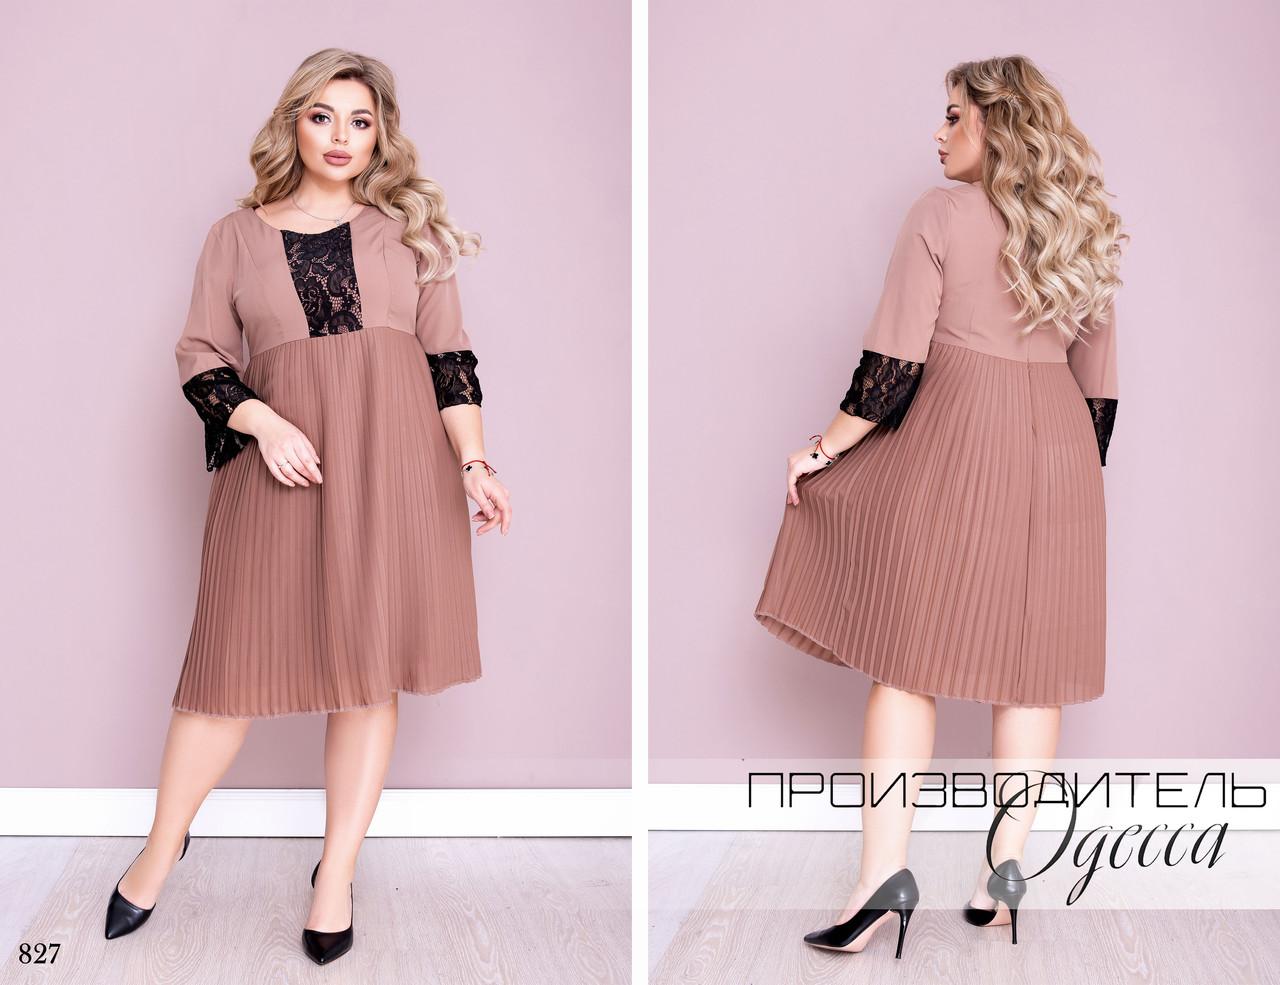 Платье юбка плиссе софт+гипюр 48-50,52-54,56-58,60-62